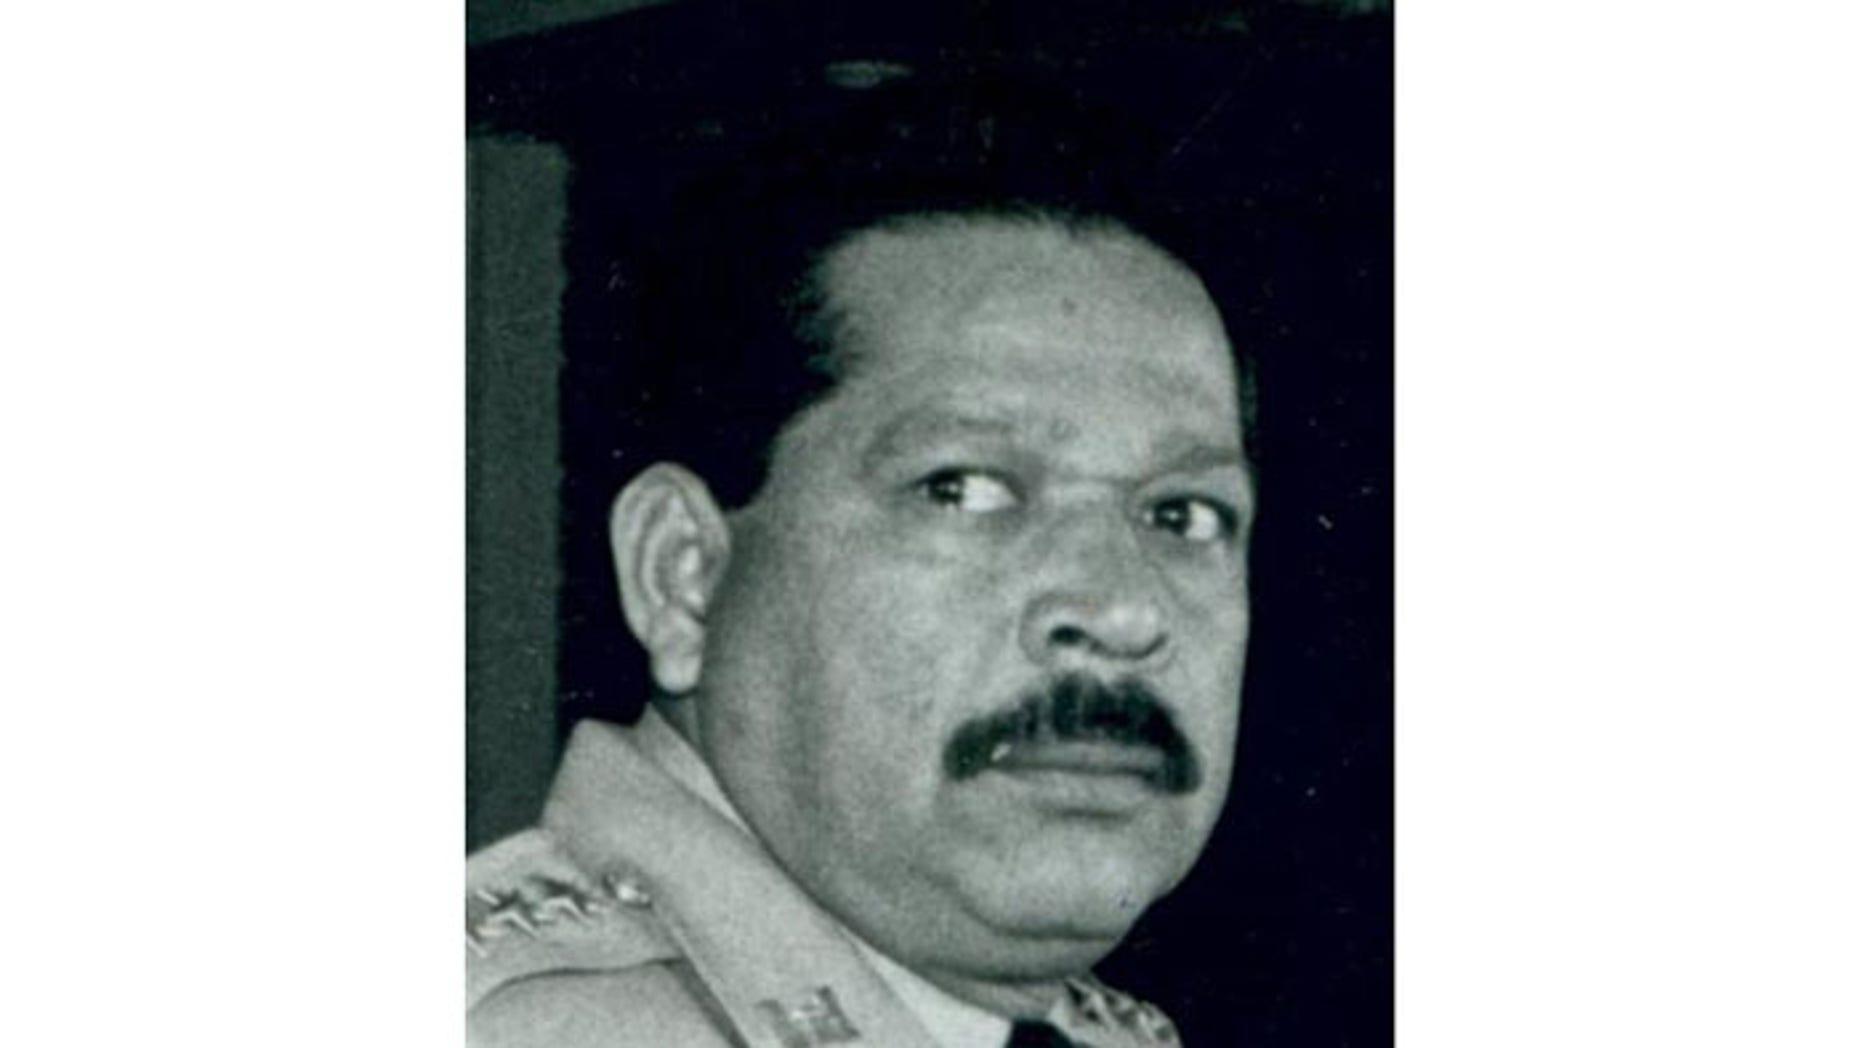 This undated photograph provided by La Prensa Grafica newspaper shows former Salvadoran official Inocente Orlando Montano in San Salvador, El Salvador.